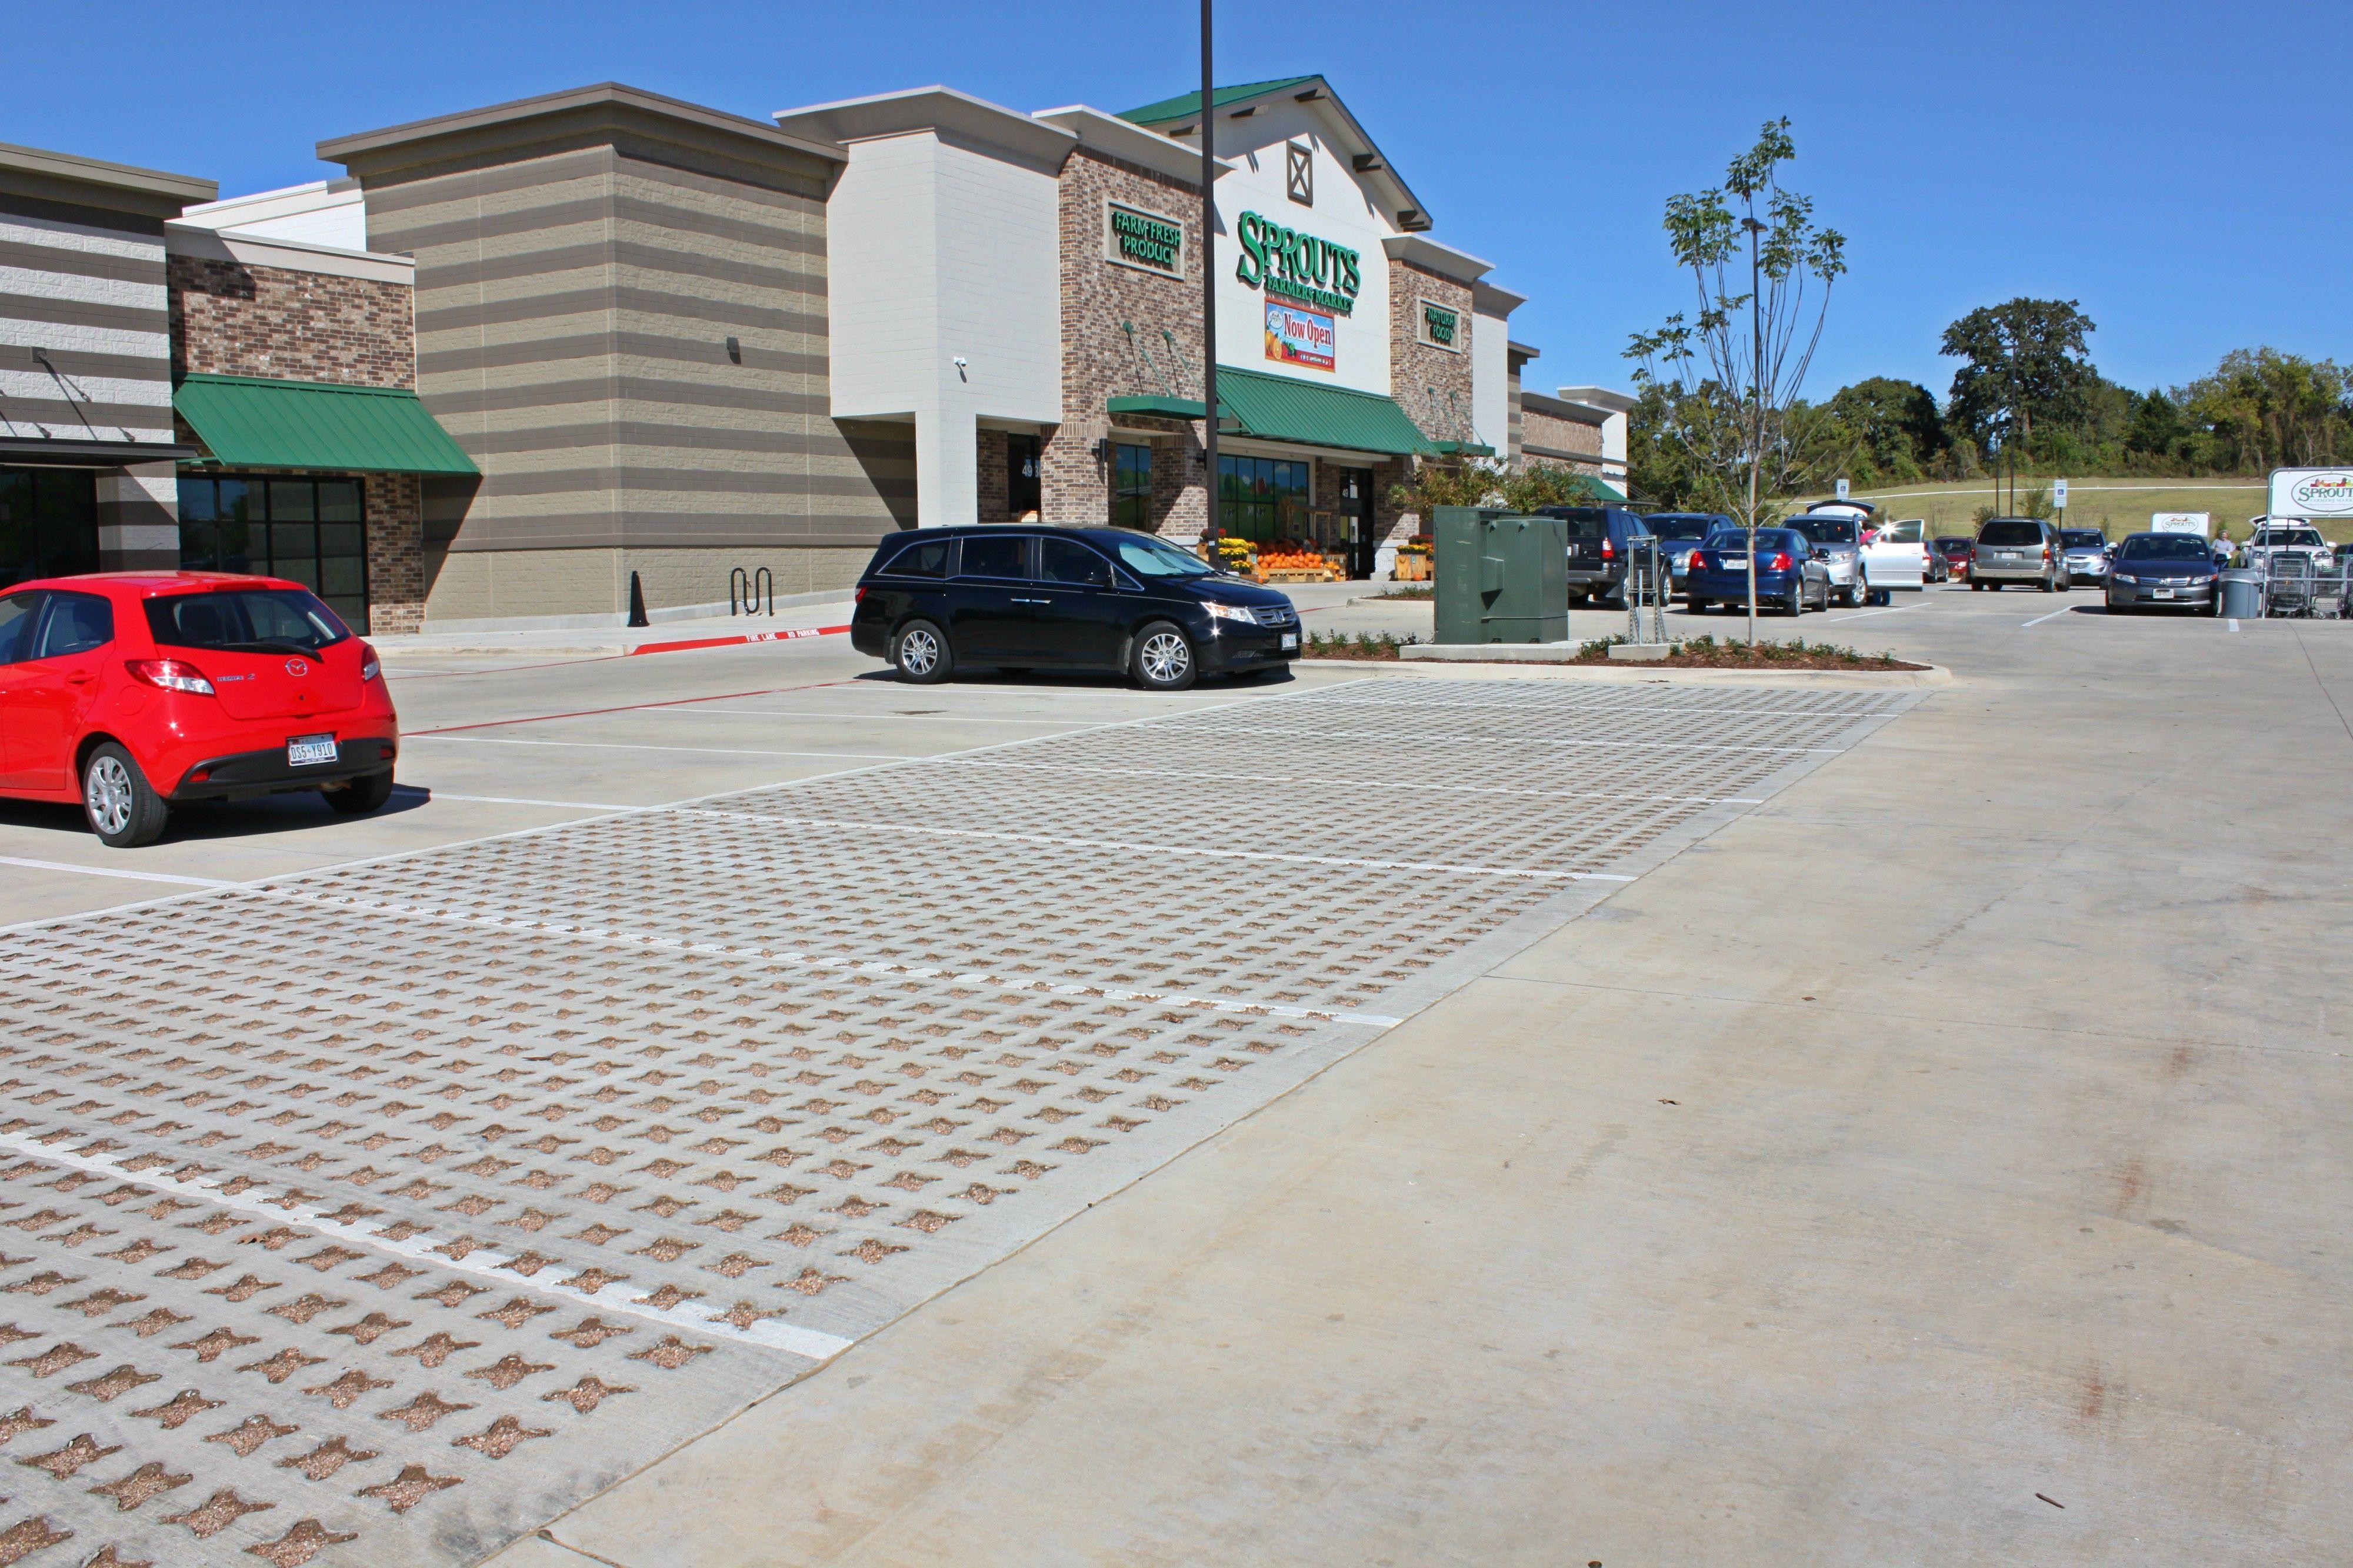 Sprouts Farmers Market Denton Tx - Bomanite Pervious Concrete Grasscrete Stone Filled System